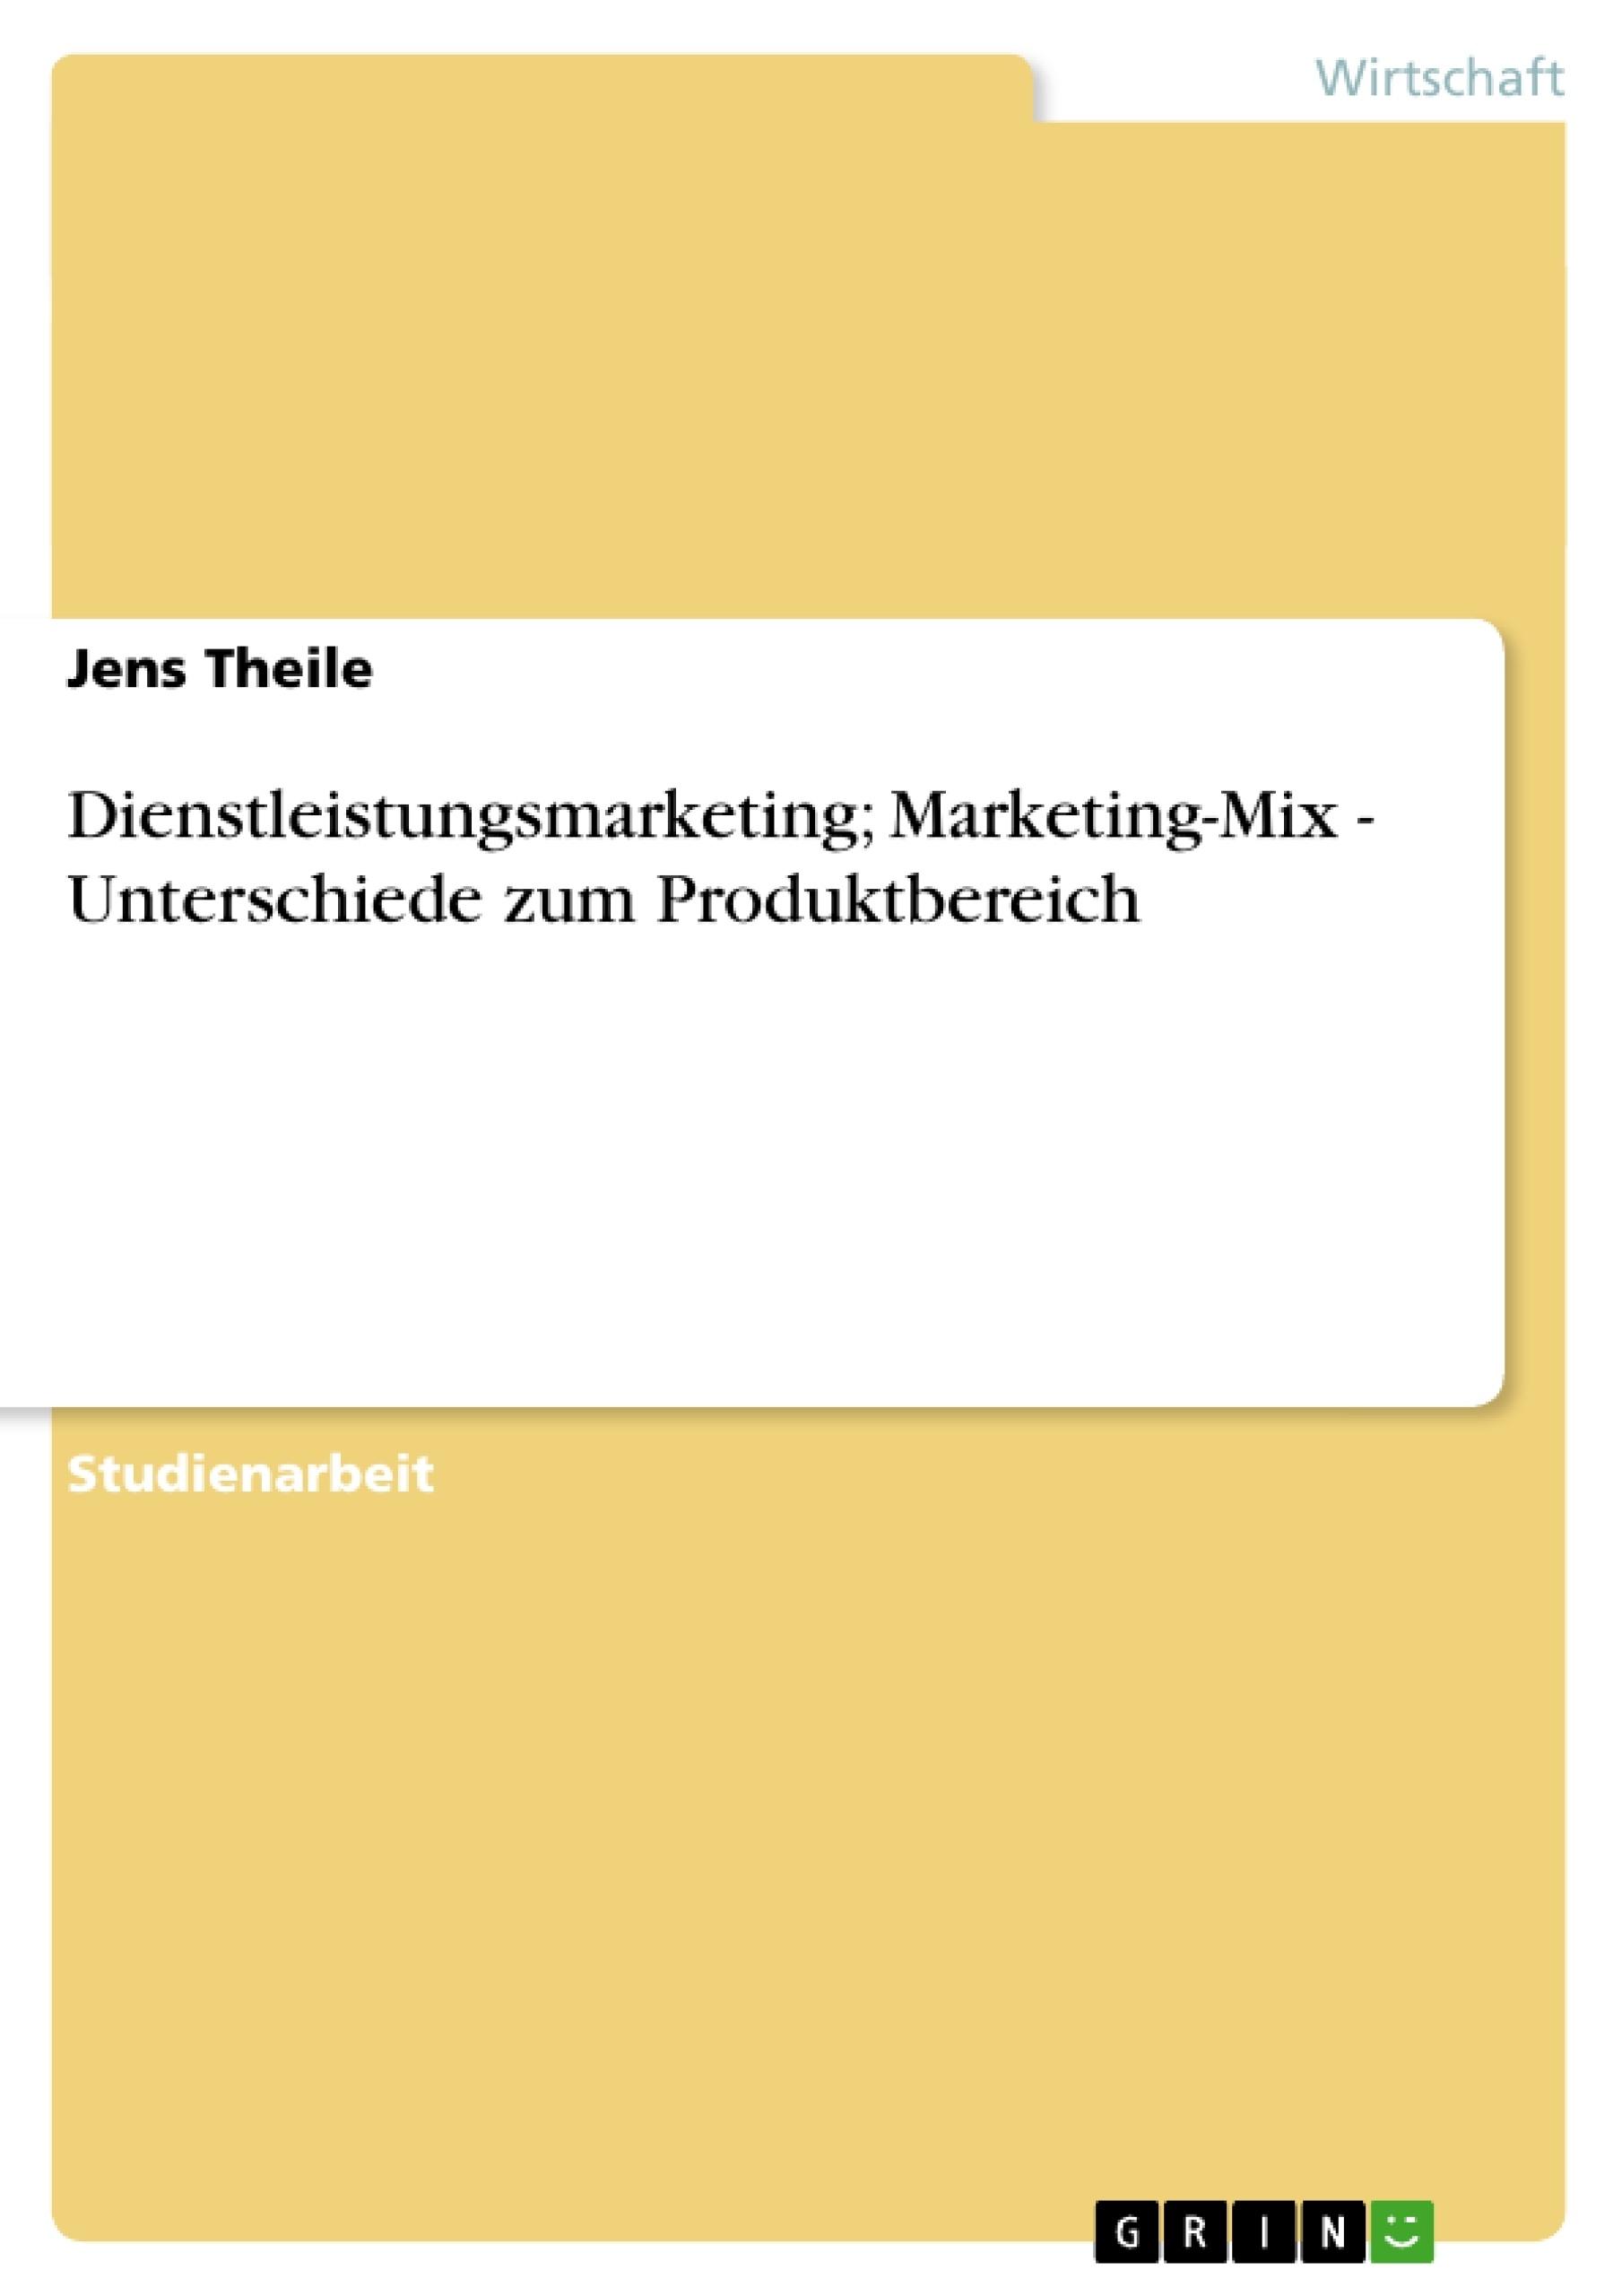 Titel: Dienstleistungsmarketing; Marketing-Mix - Unterschiede zum Produktbereich